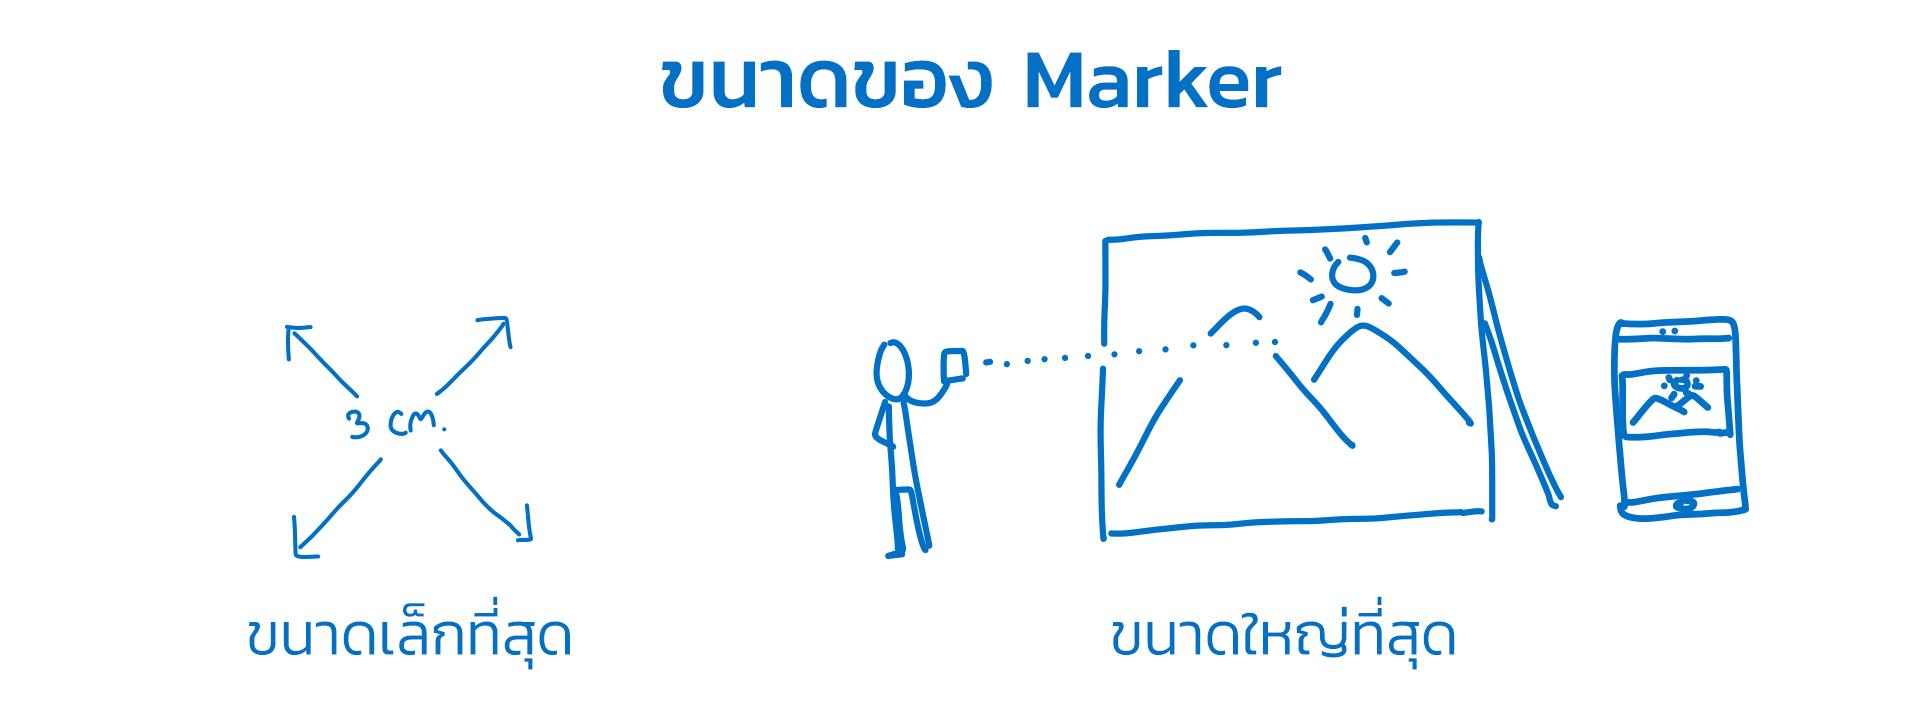 ขนาดของ Marker ที่เหมาะสมกับ AR Code